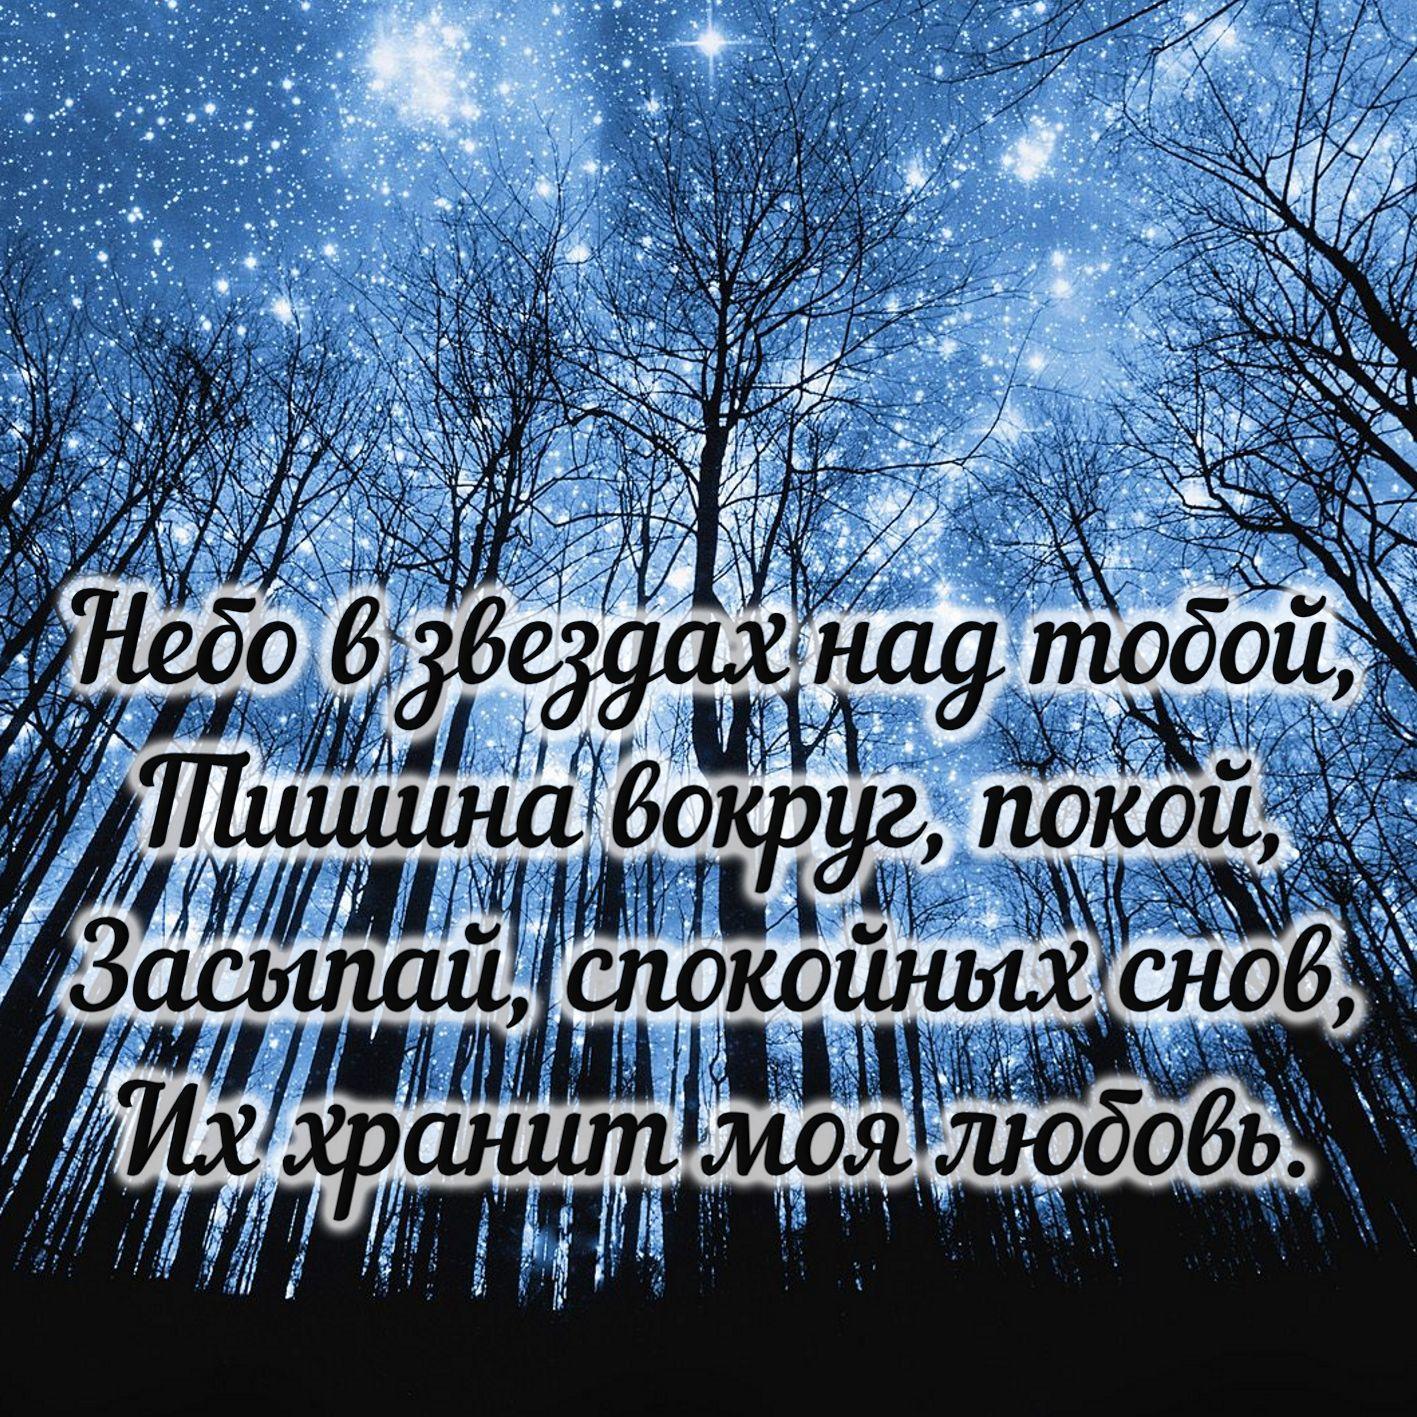 Доброй ночи и сладких снов!